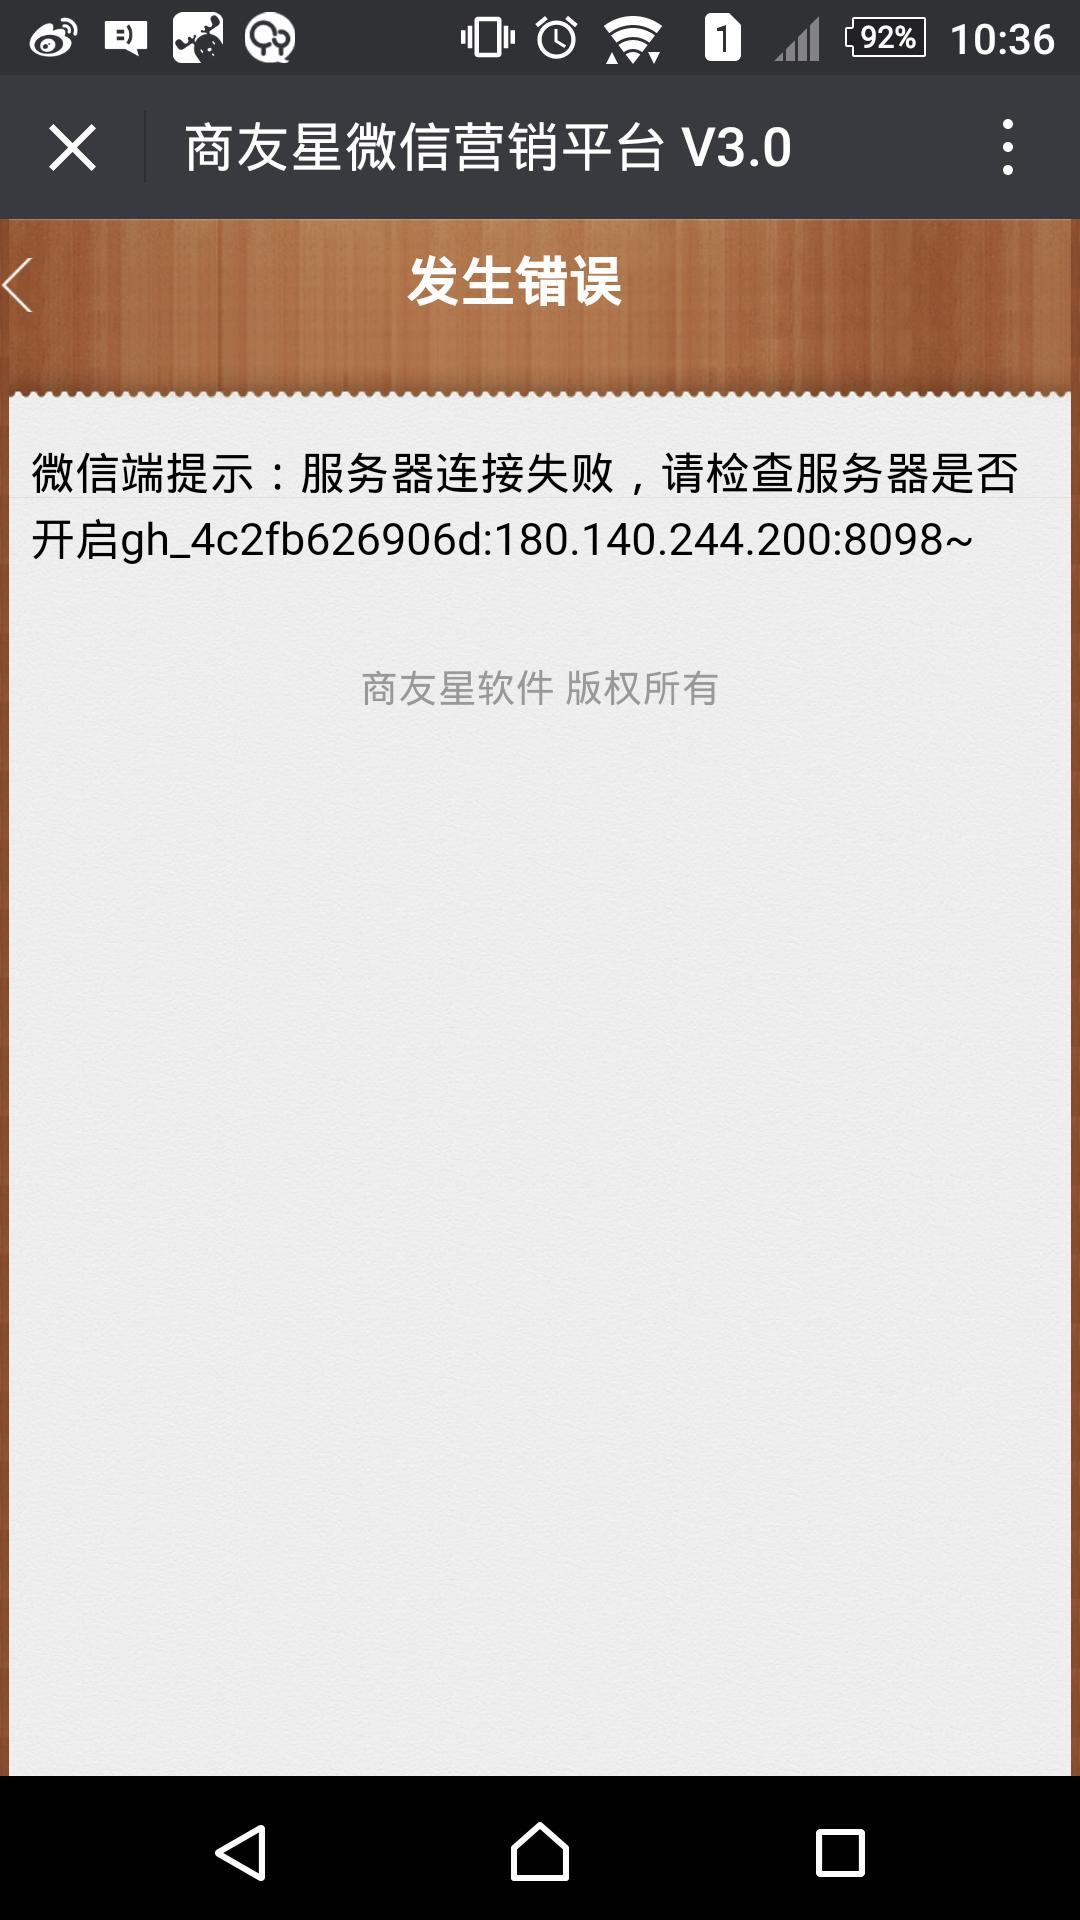 微信平台,打开微信会员卡提示服务器连接失败的处理